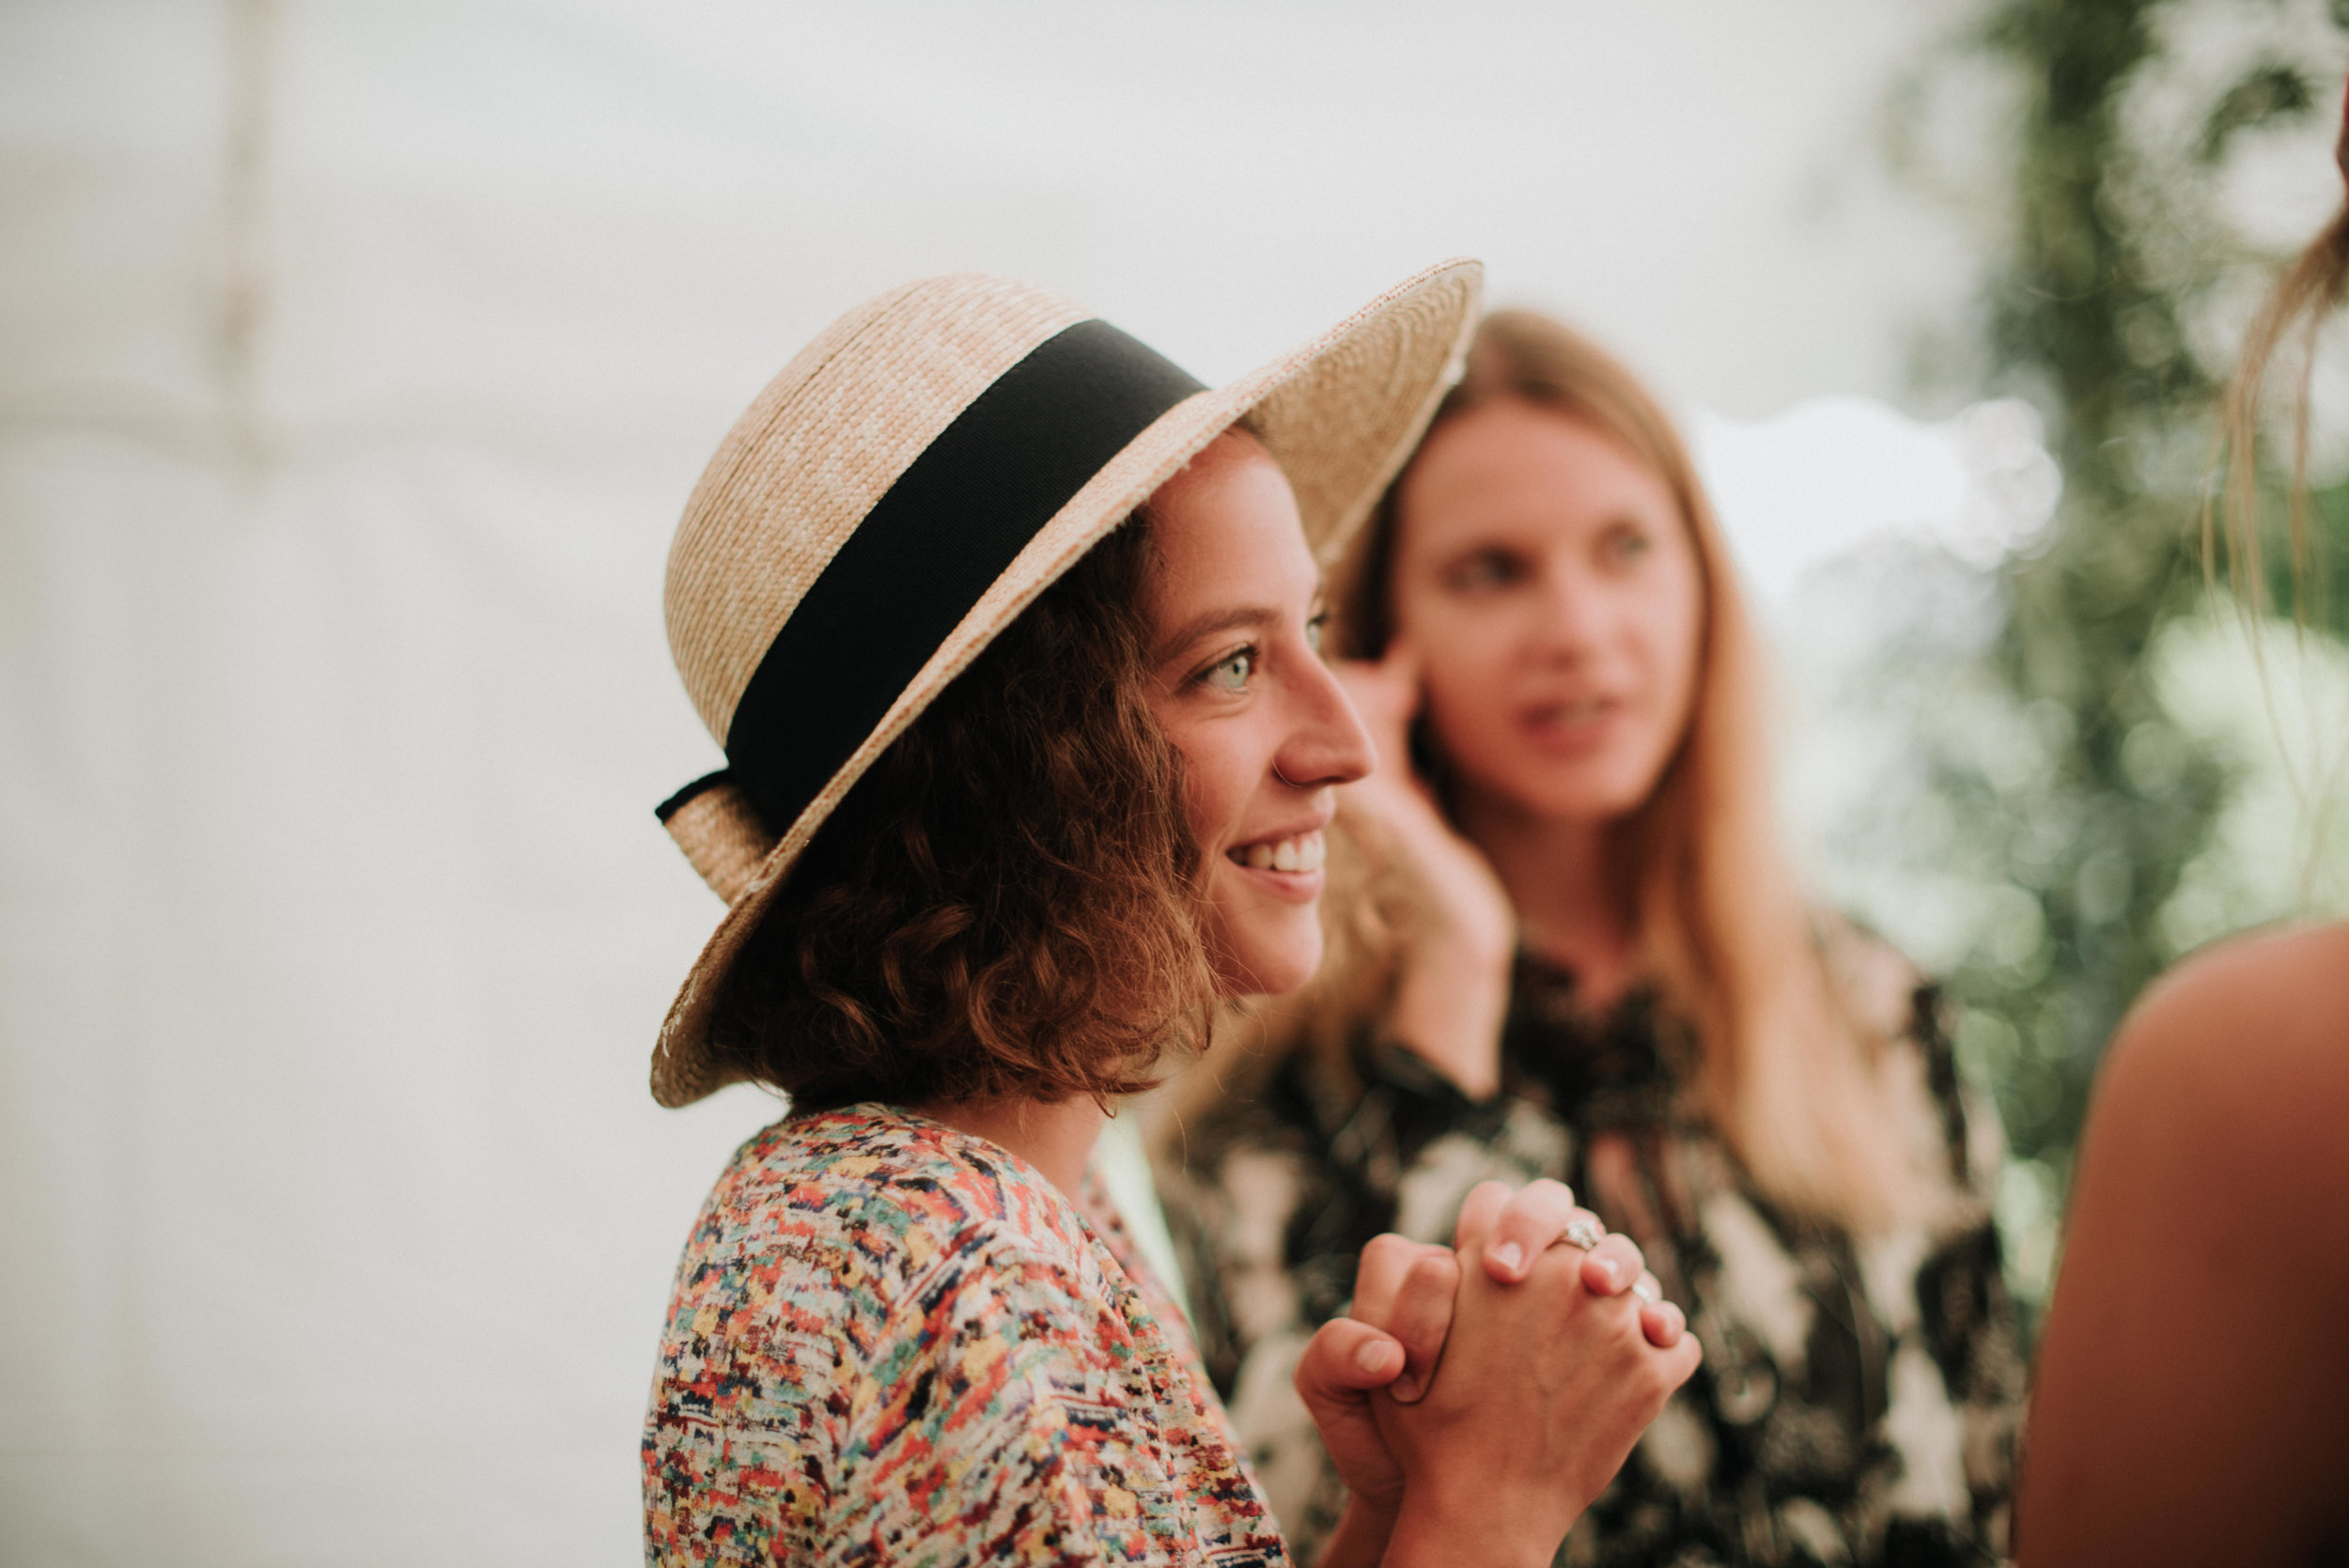 Léa-Fery-photographe-professionnel-lyon-rhone-alpes-portrait-creation-mariage-evenement-evenementiel-famille-1063.jpg